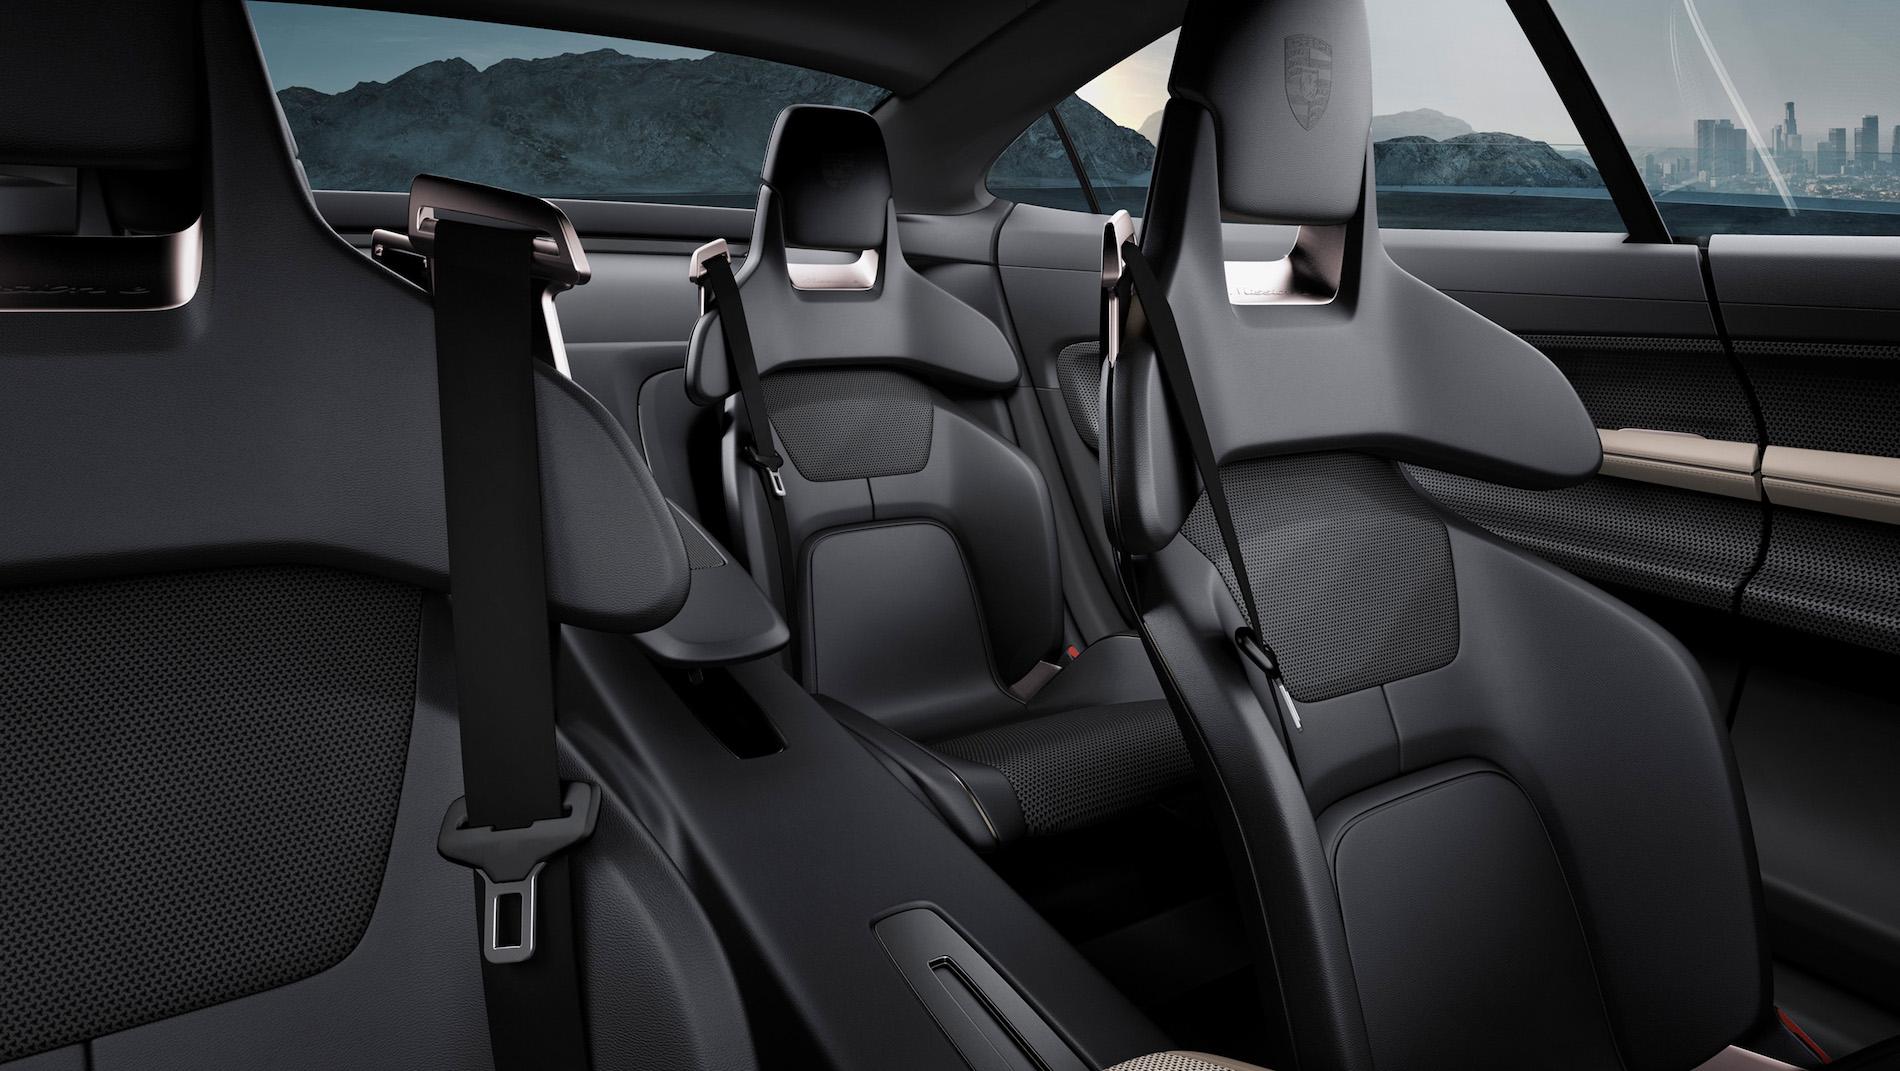 Porsche Taycan: Mehr als 20.000 Kaufinteressenten für den Elektro-Sportler von Porsche 5